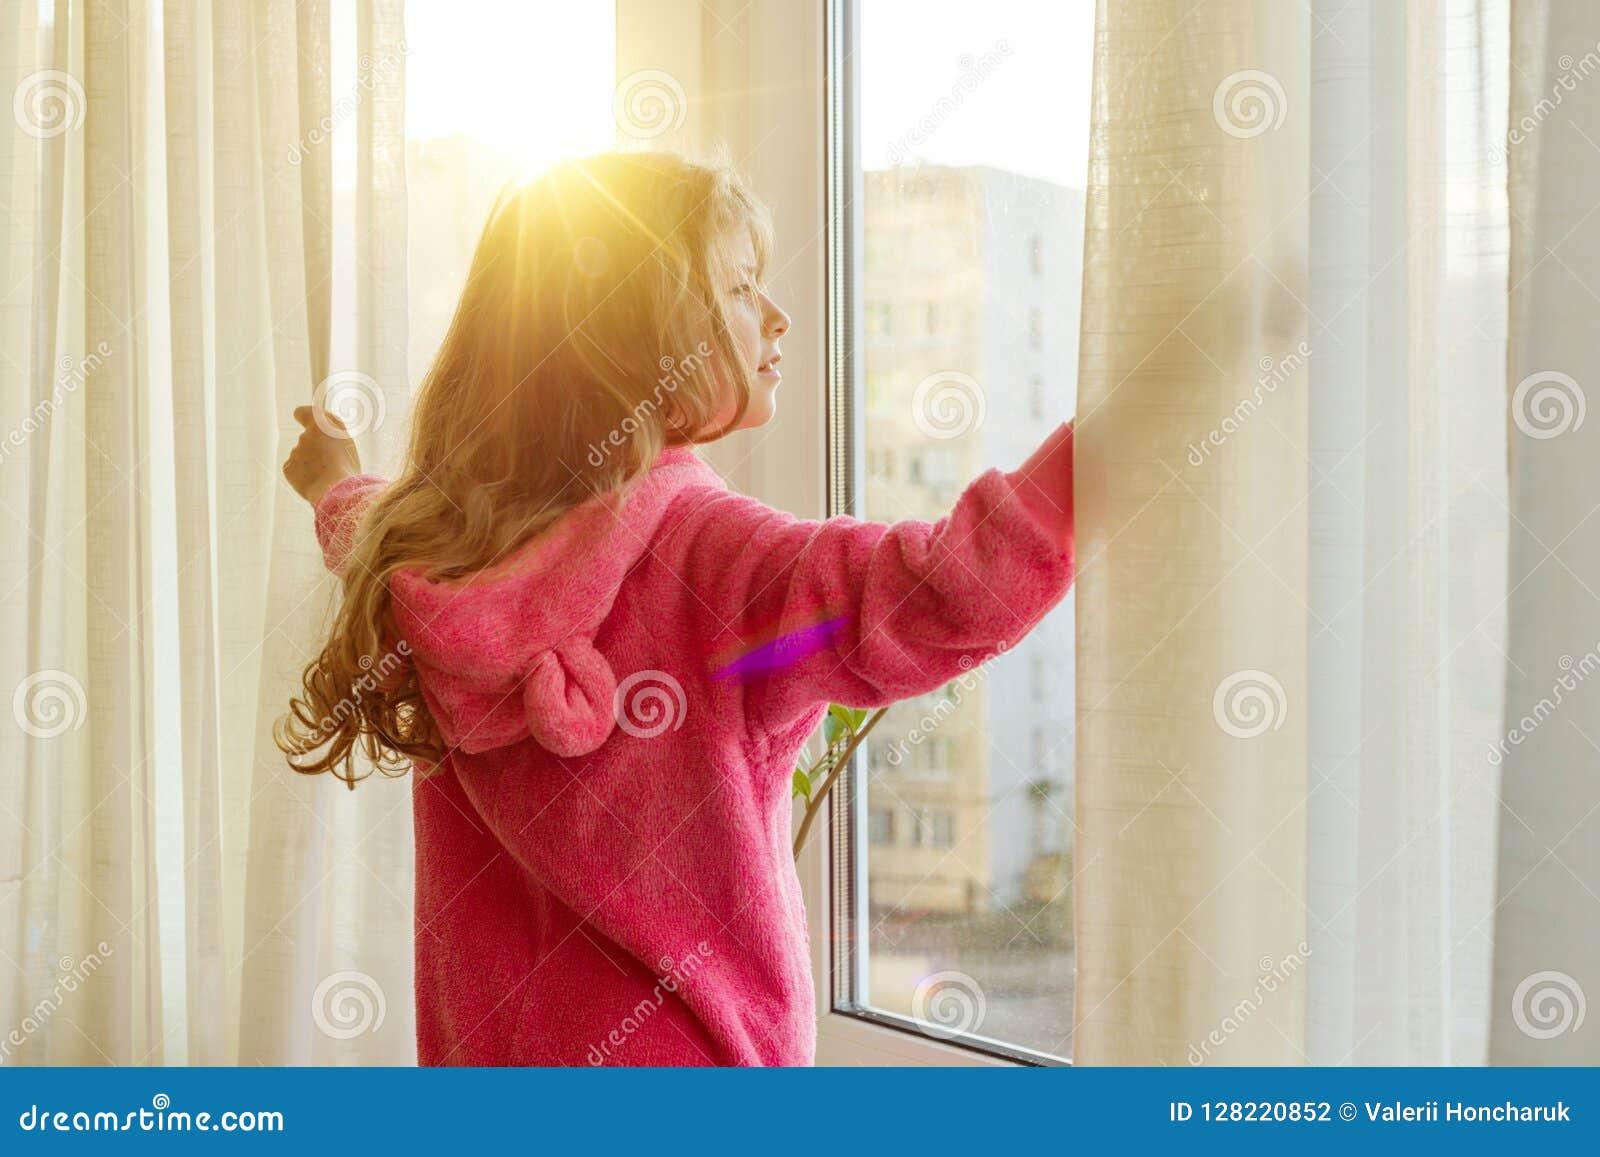 Guten Morgen Mädchenkind in den Pyjamas öffnet Vorhänge und Blicke heraus das Fenster